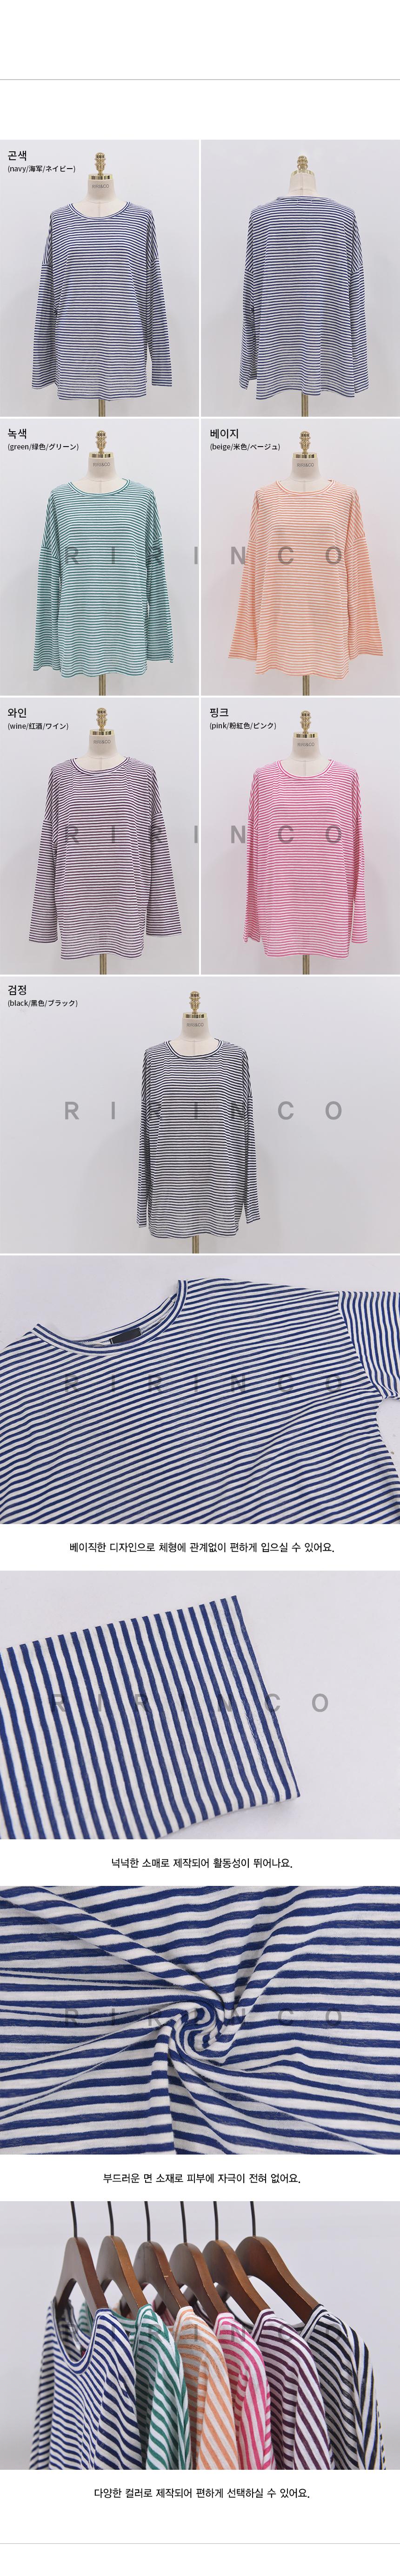 리리앤코 텐디 스트라이프 티셔츠